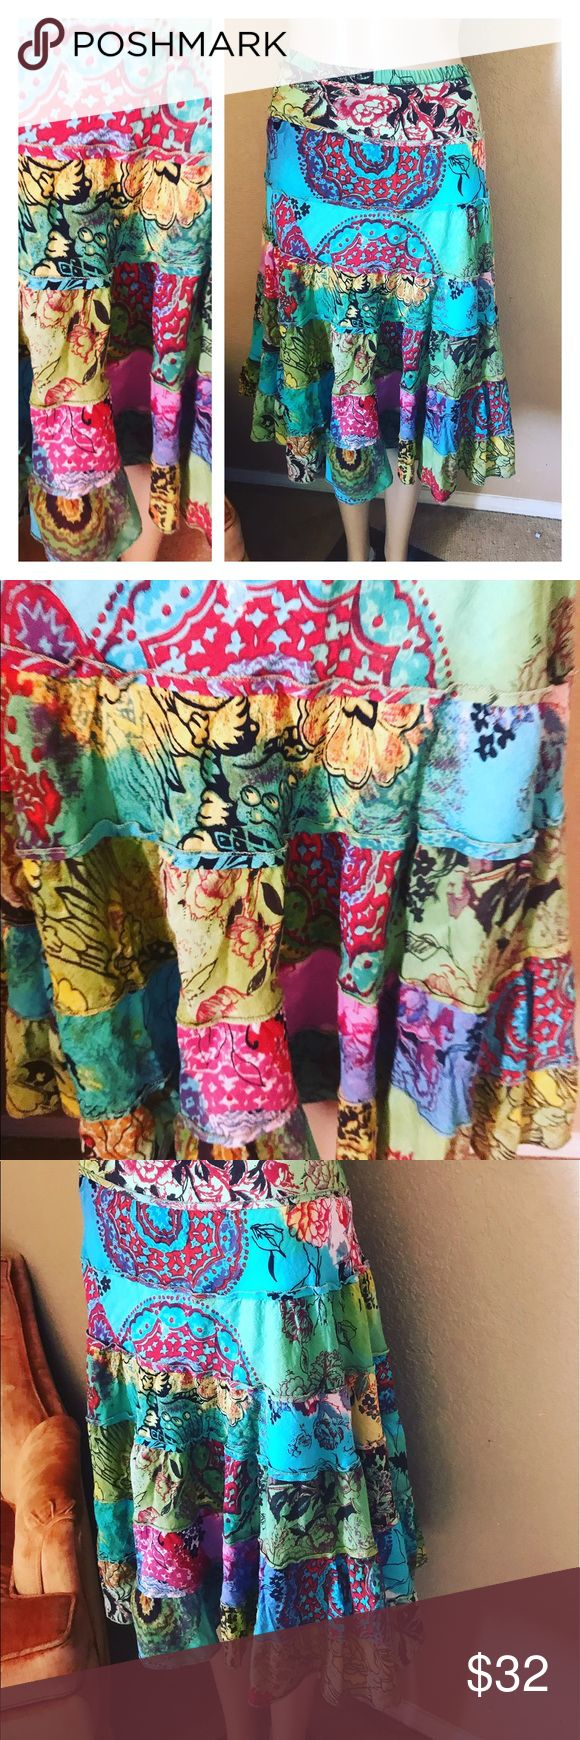 25 Best Ideas About Hippie Skirts On Pinterest Hippie